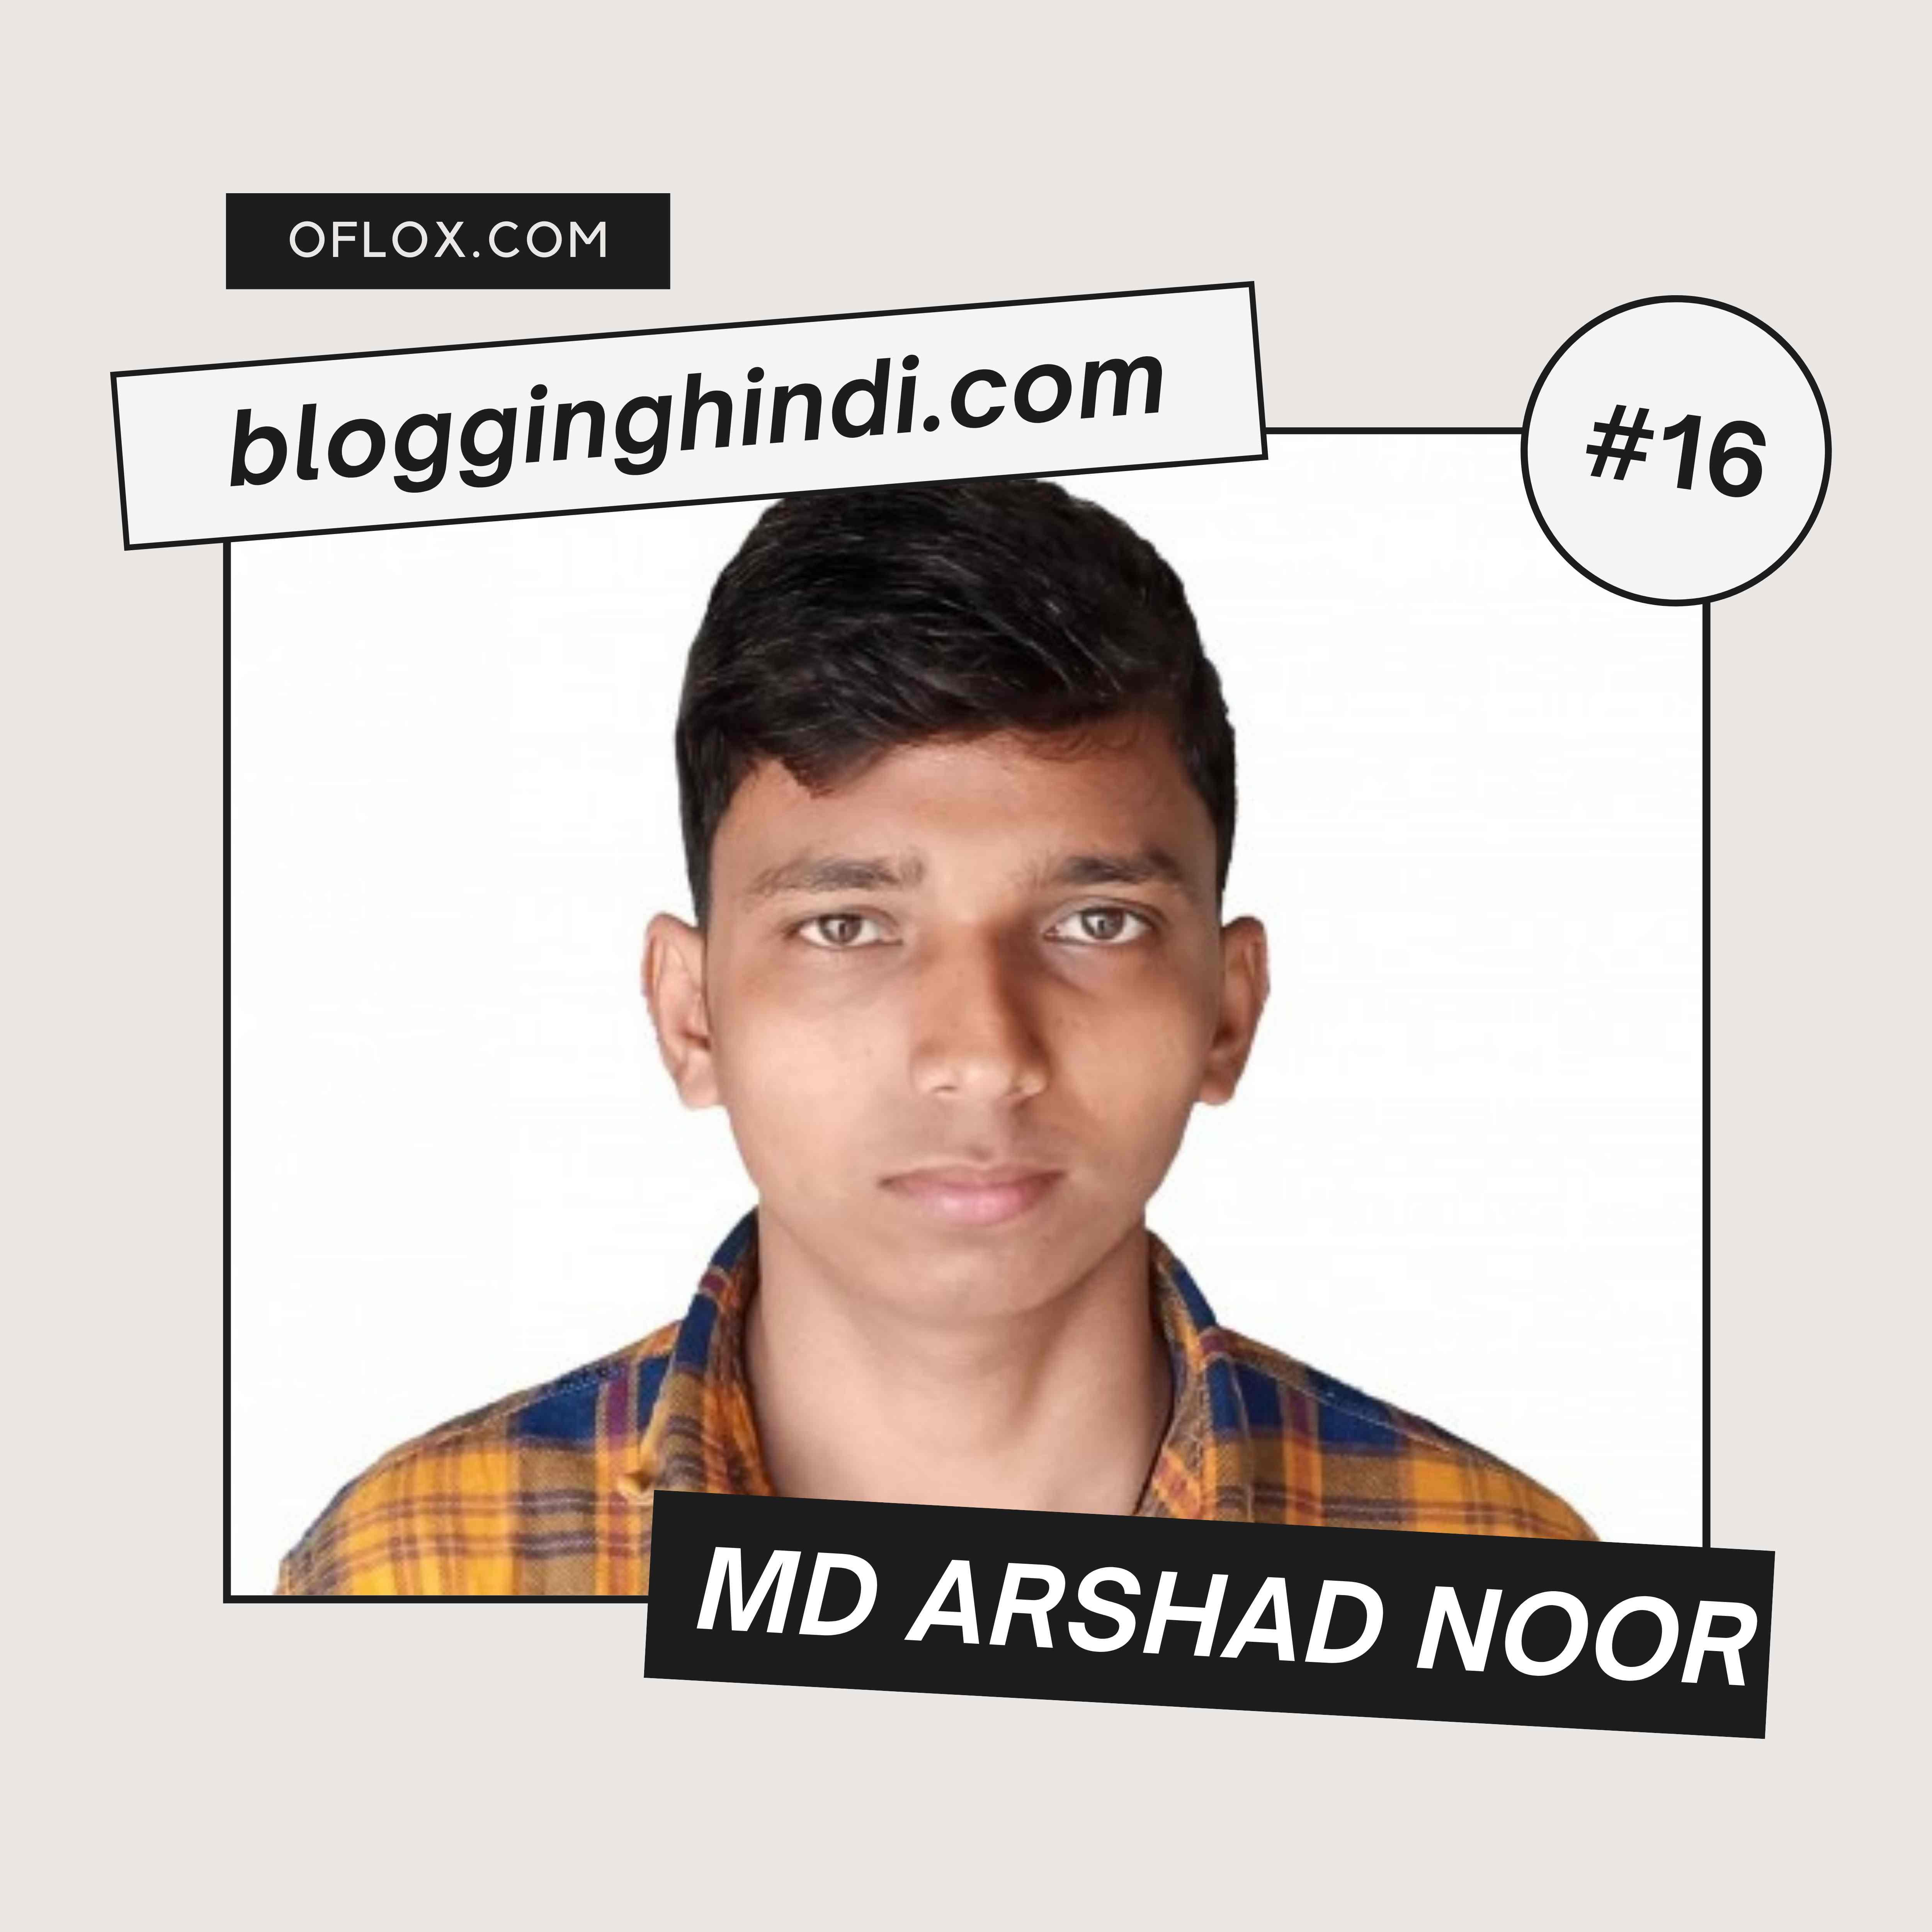 blogginghindi.com